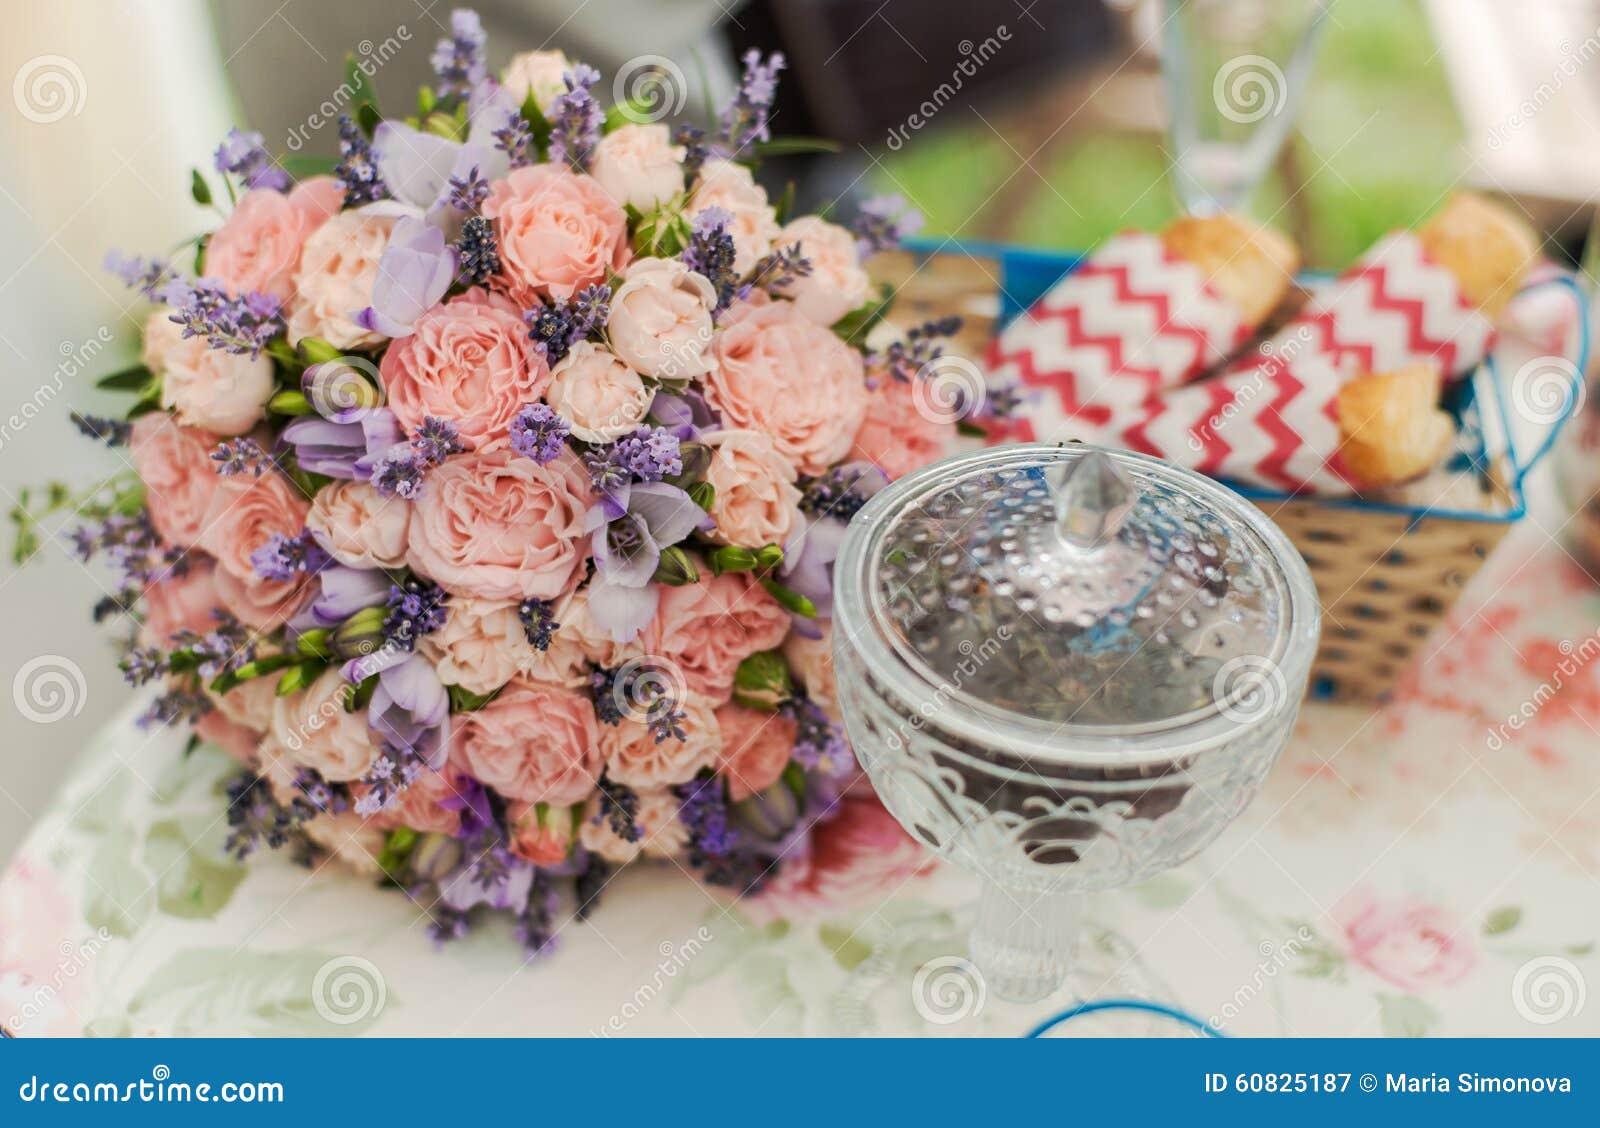 Tabla servida al aire libre Centro de flores con lavanda y rosas